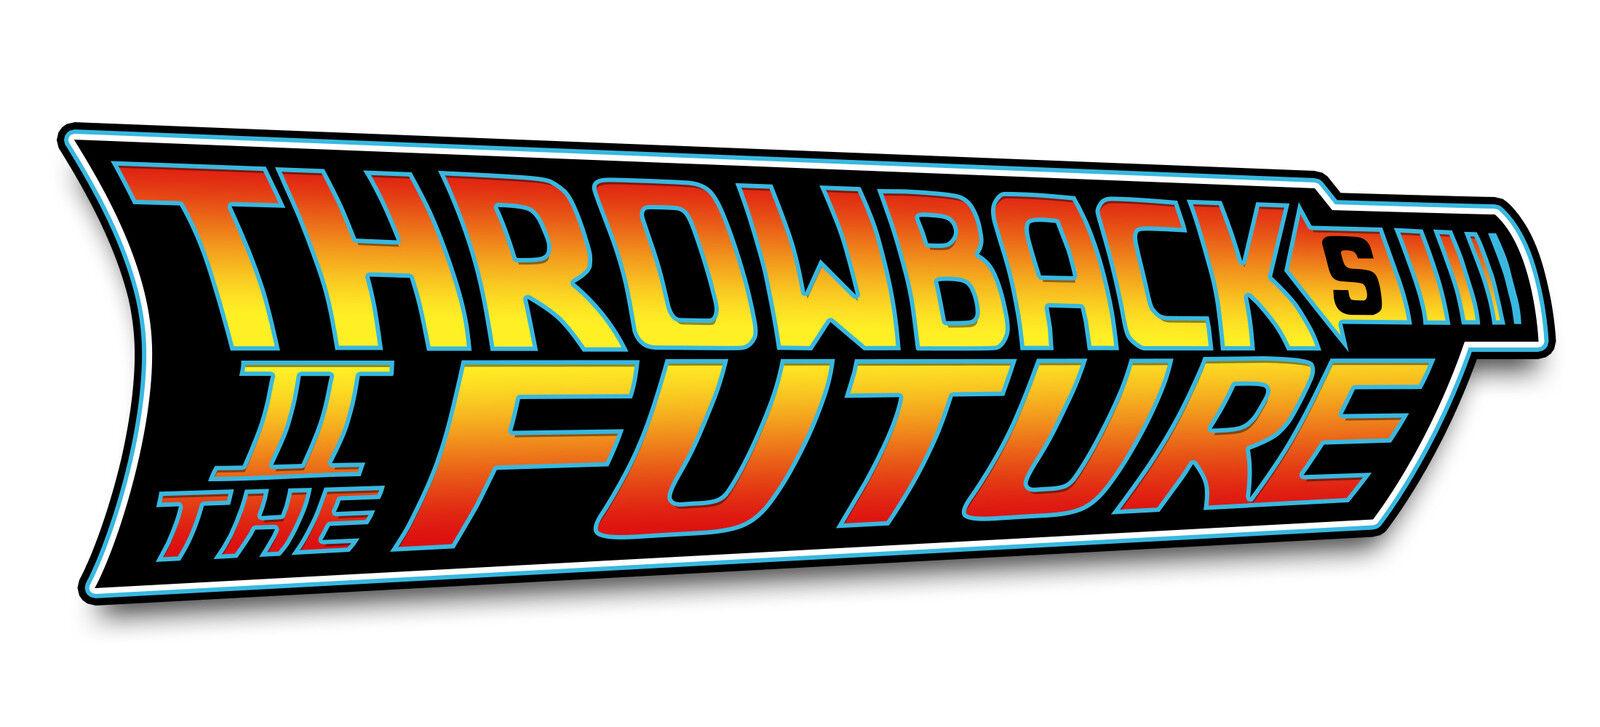 throwbacks2_the_future